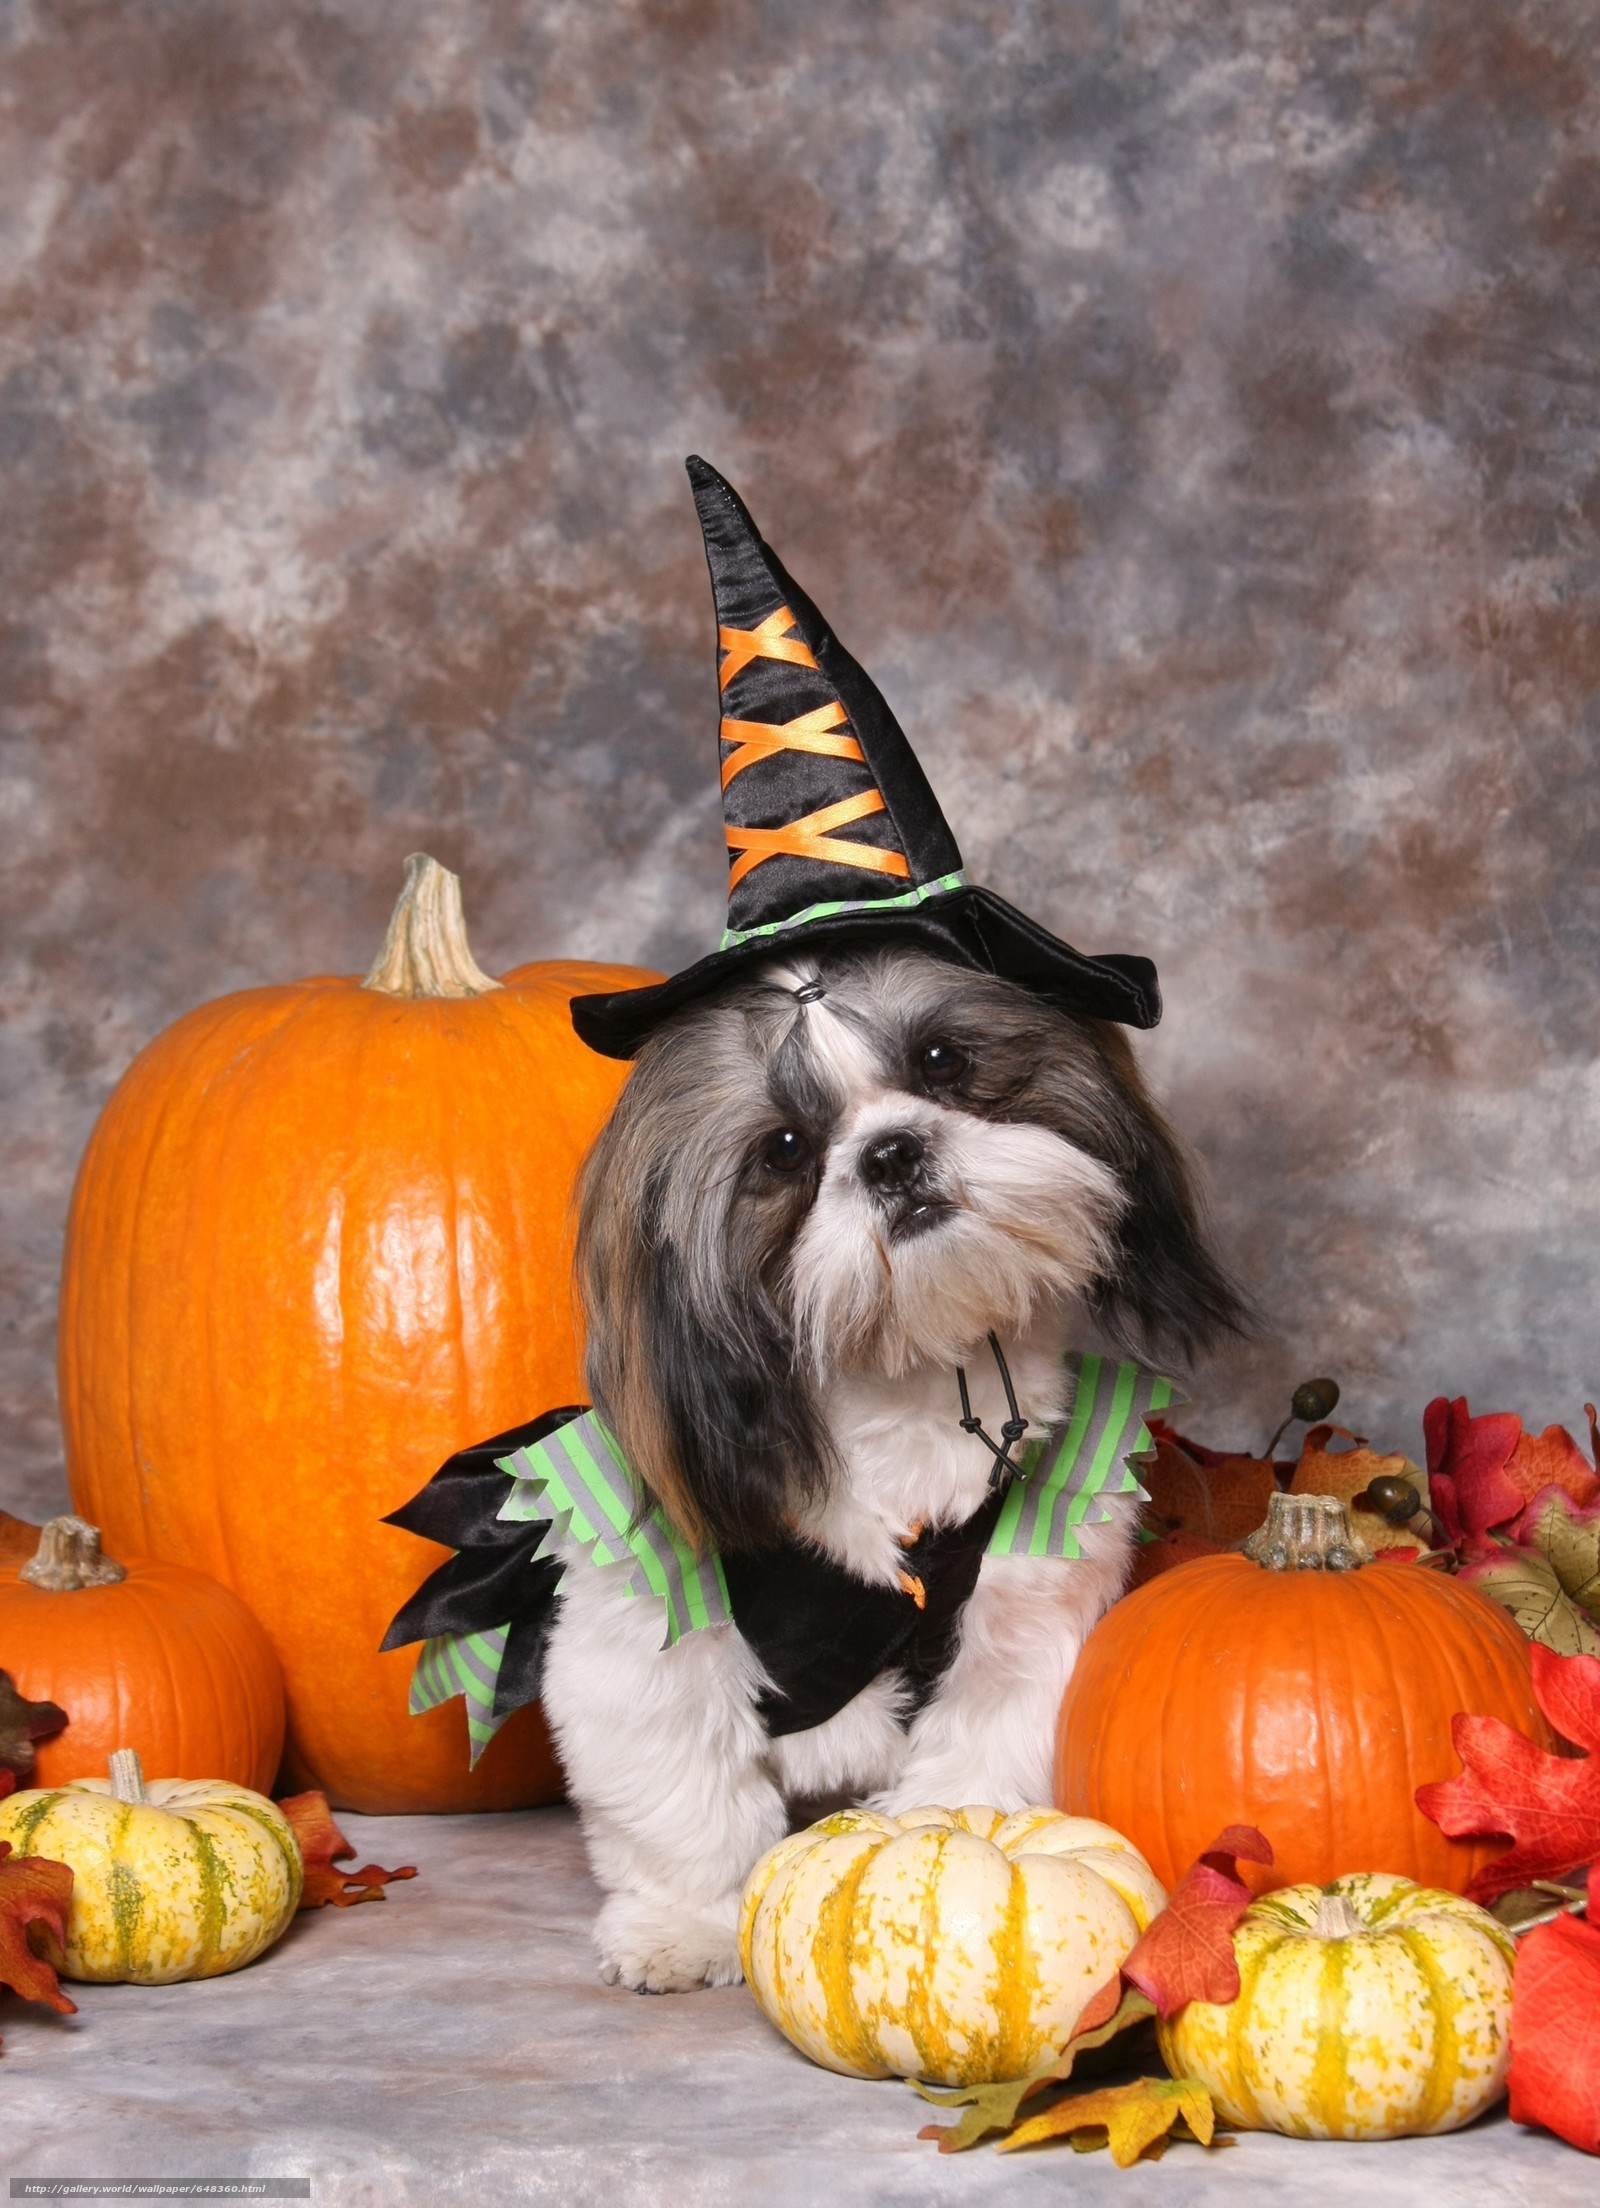 Скачать обои собака,  собаки,  животные,  щенок бесплатно для рабочего стола в разрешении 4348x6000 — картинка №648360